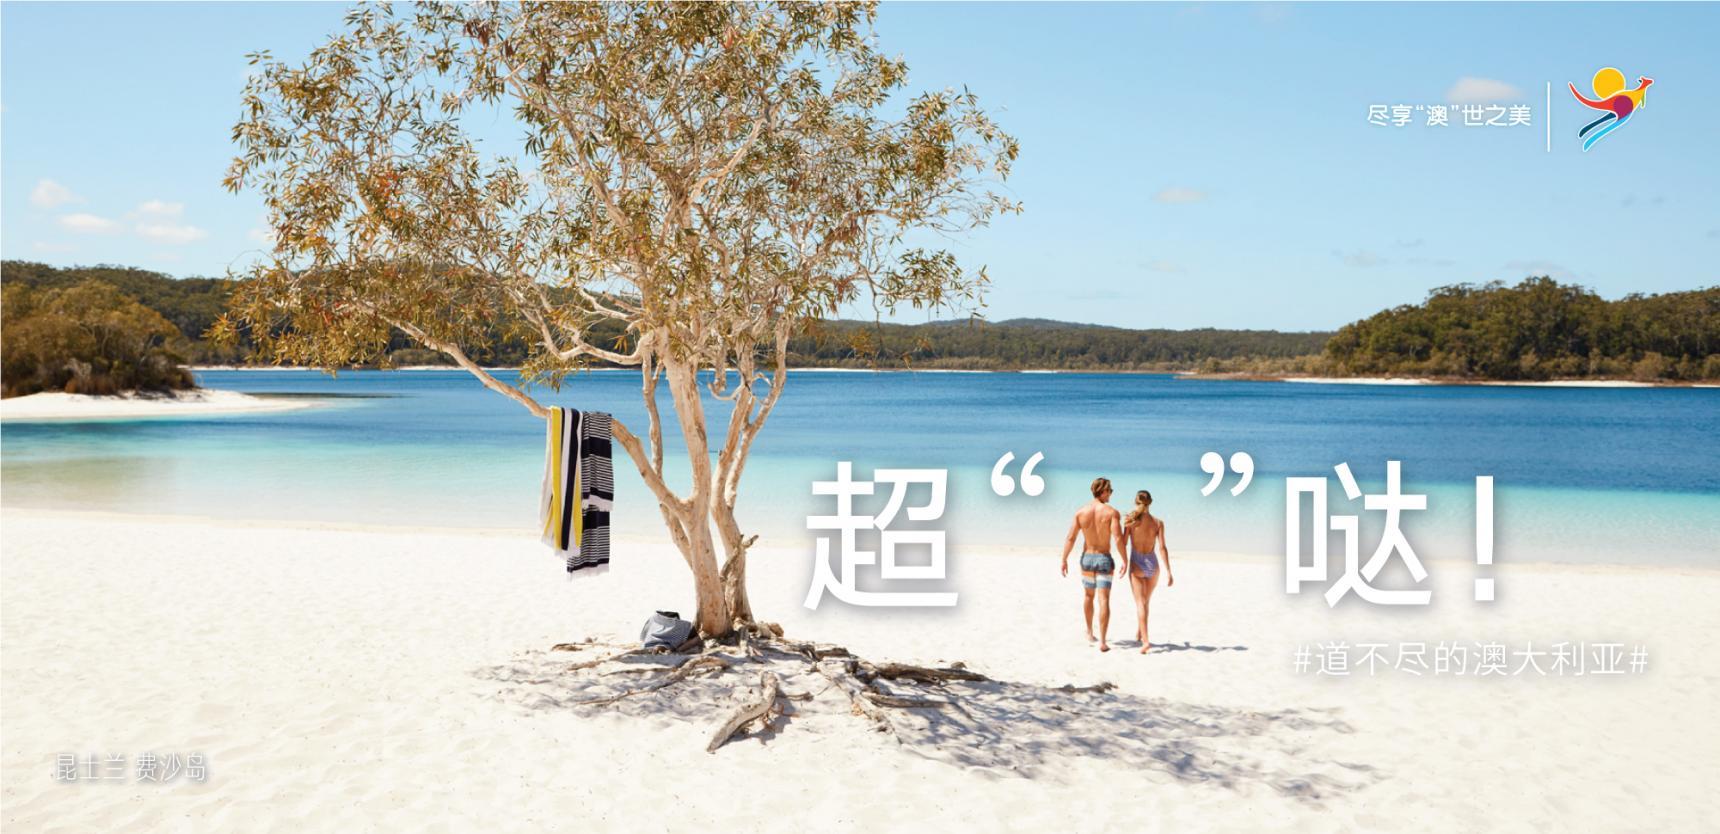 澳大利亚旅游局持续创新,引领中国旅行者共同探索#道不尽的澳大利亚#